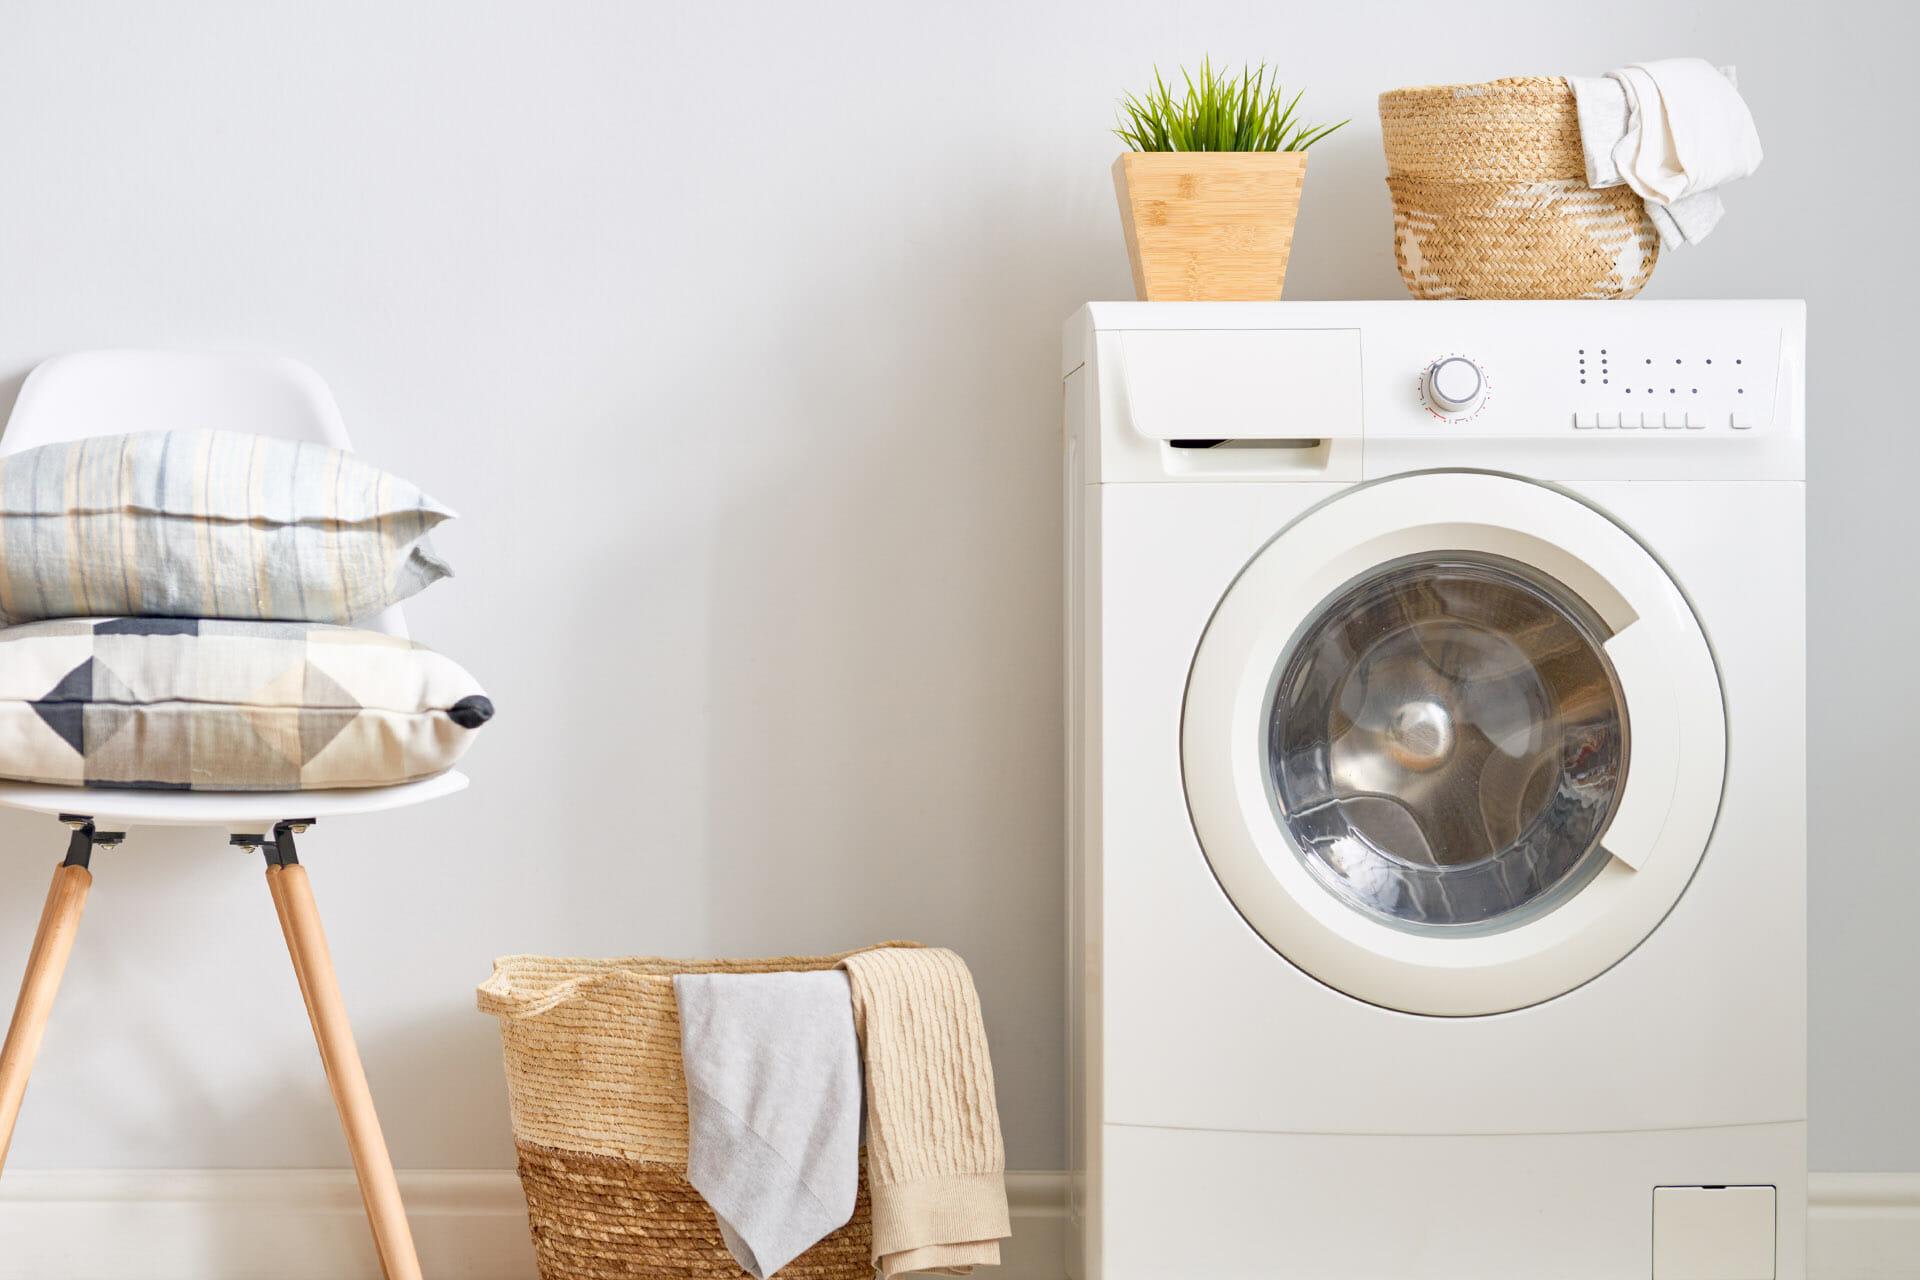 Συμβουλές για συντήρηση πλυντηρίου ρούχων